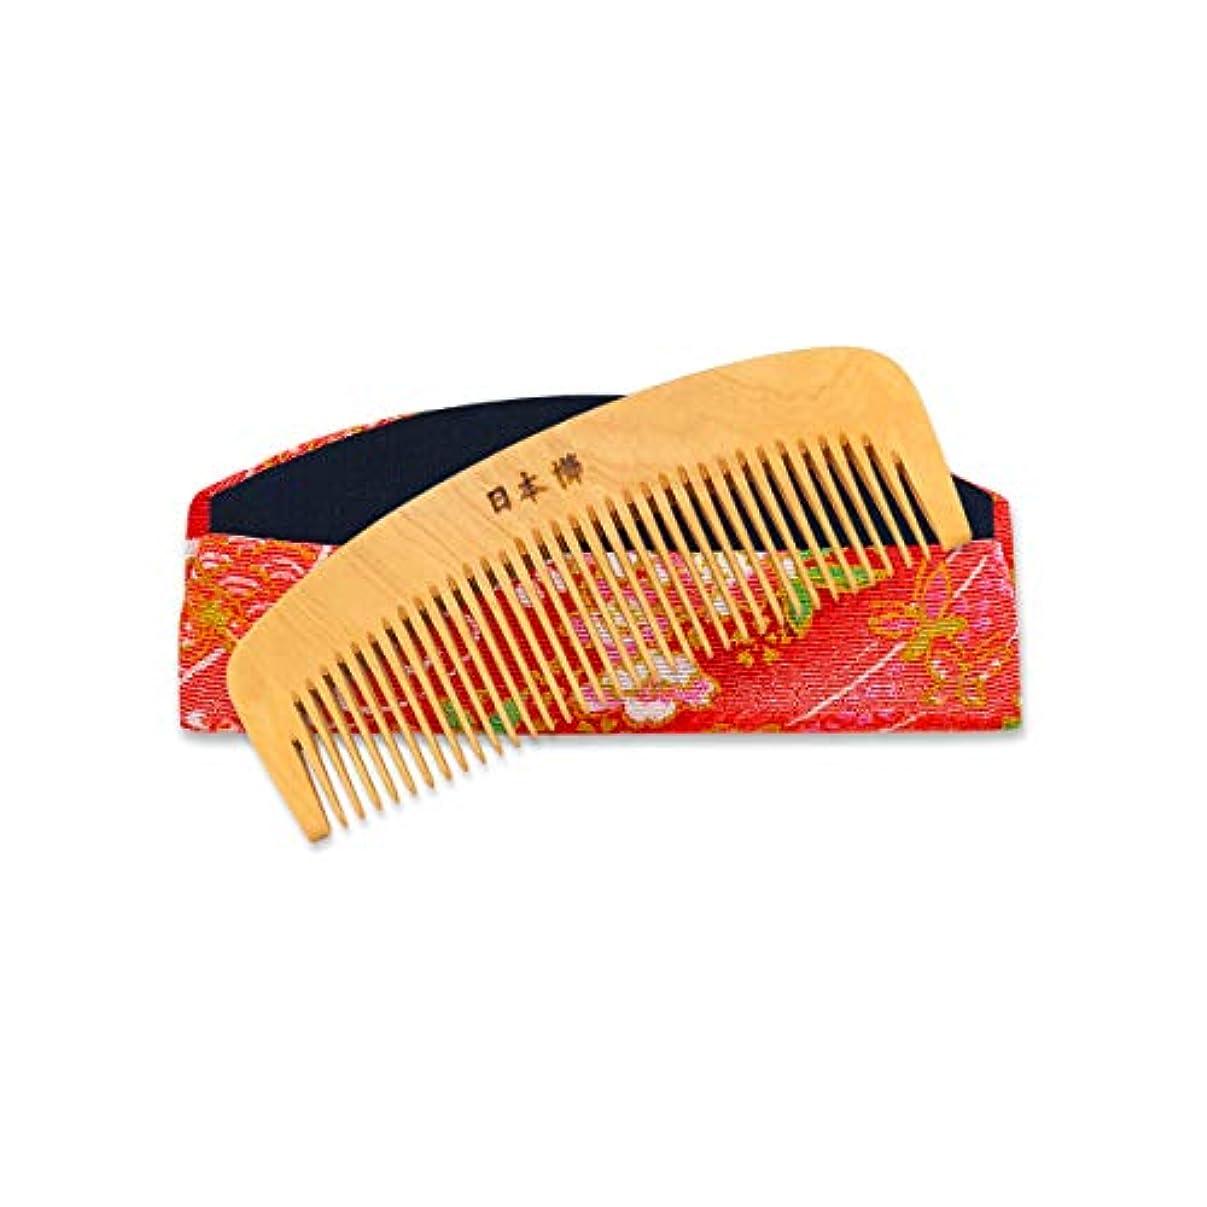 遅らせる中毒机本つげ櫛 3寸 とかし櫛 ケース付 椿油 静電気防止 つげ櫛 伝統工芸品 国産 日本製